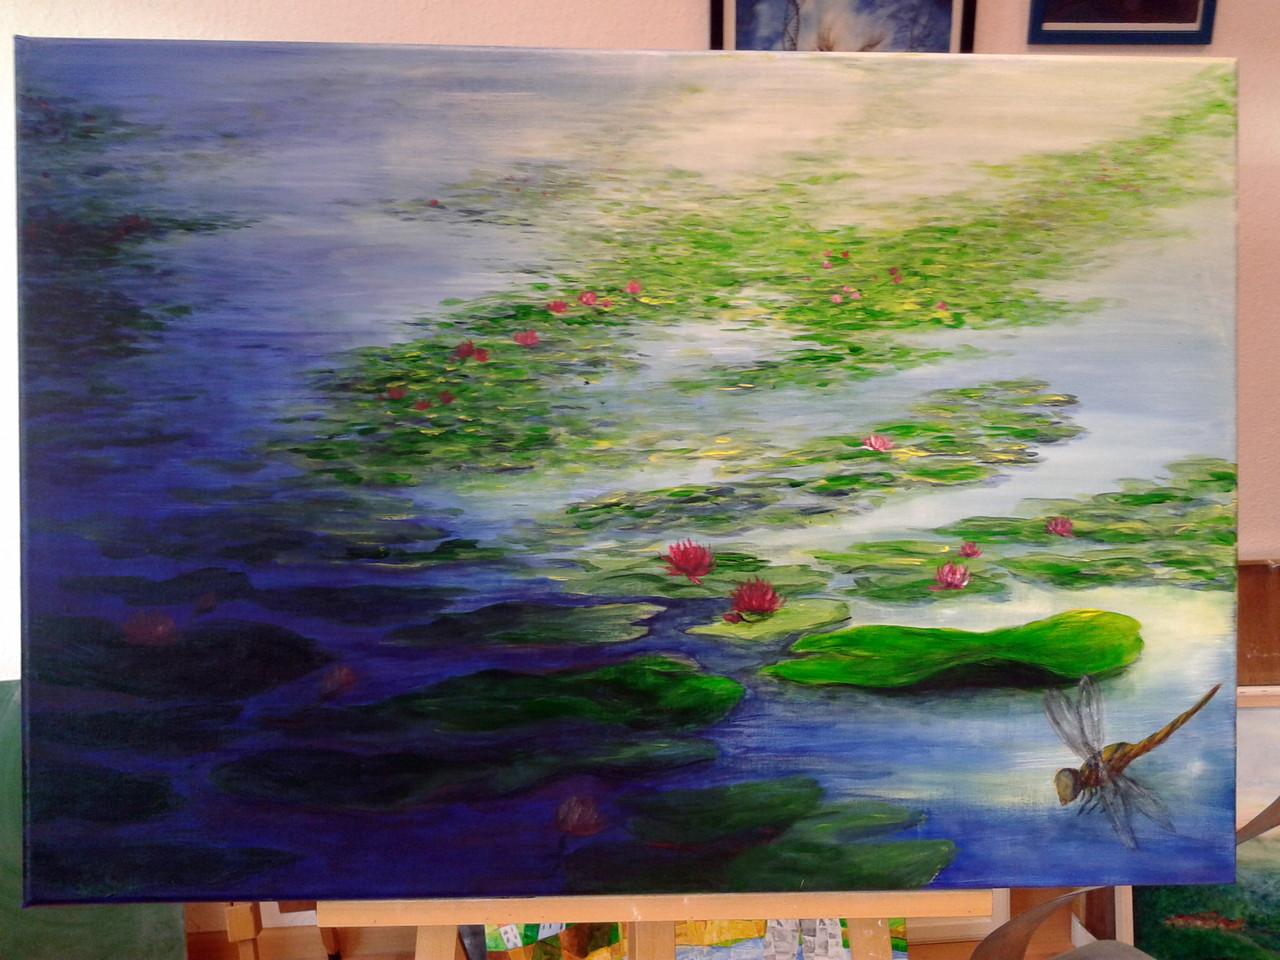 Acryl a Leinwand100x70cm, gerahmt, 580€